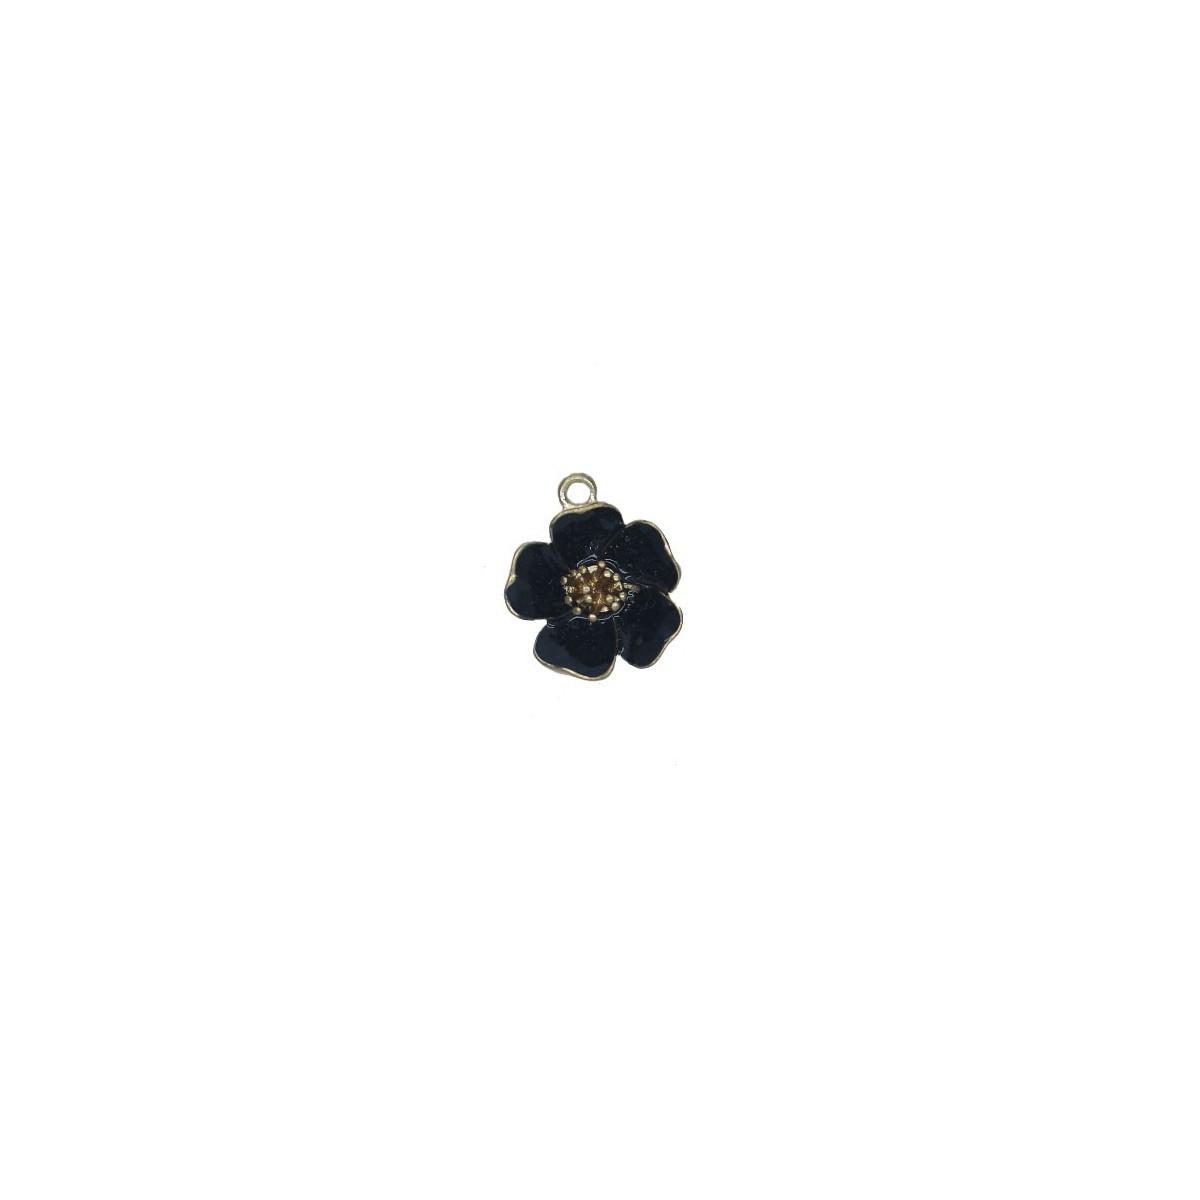 Charms Fiore Nero 25 mm - 1 pezzi